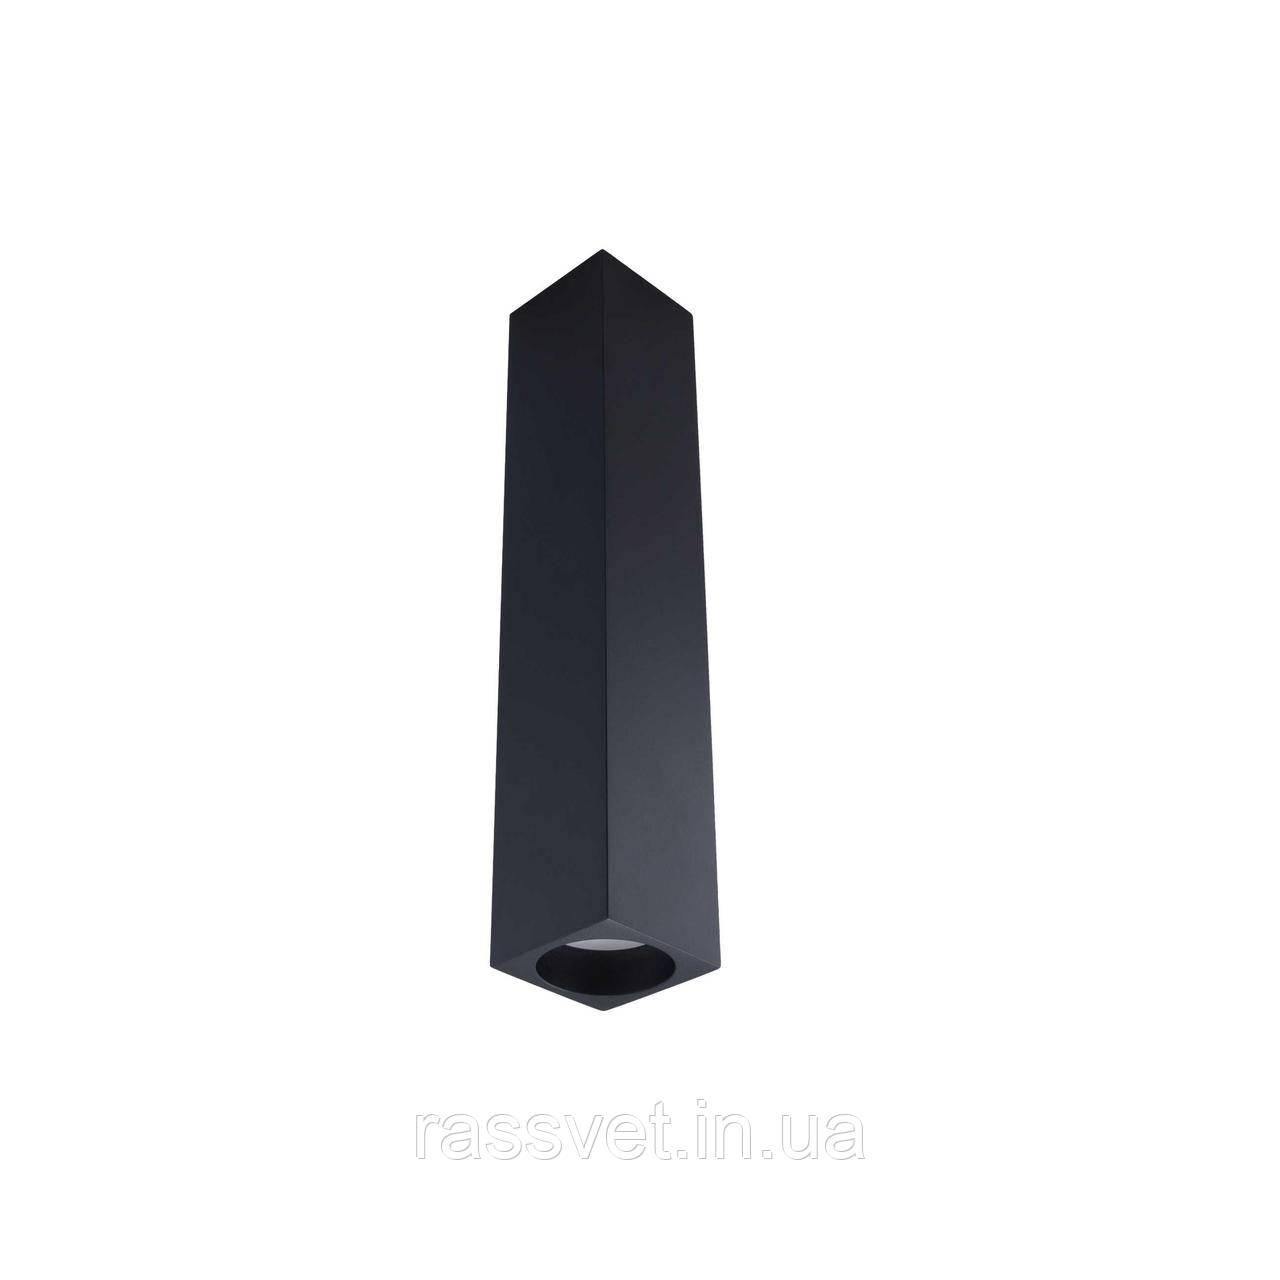 Точковий світильник Skarlat TH6803-300 BK